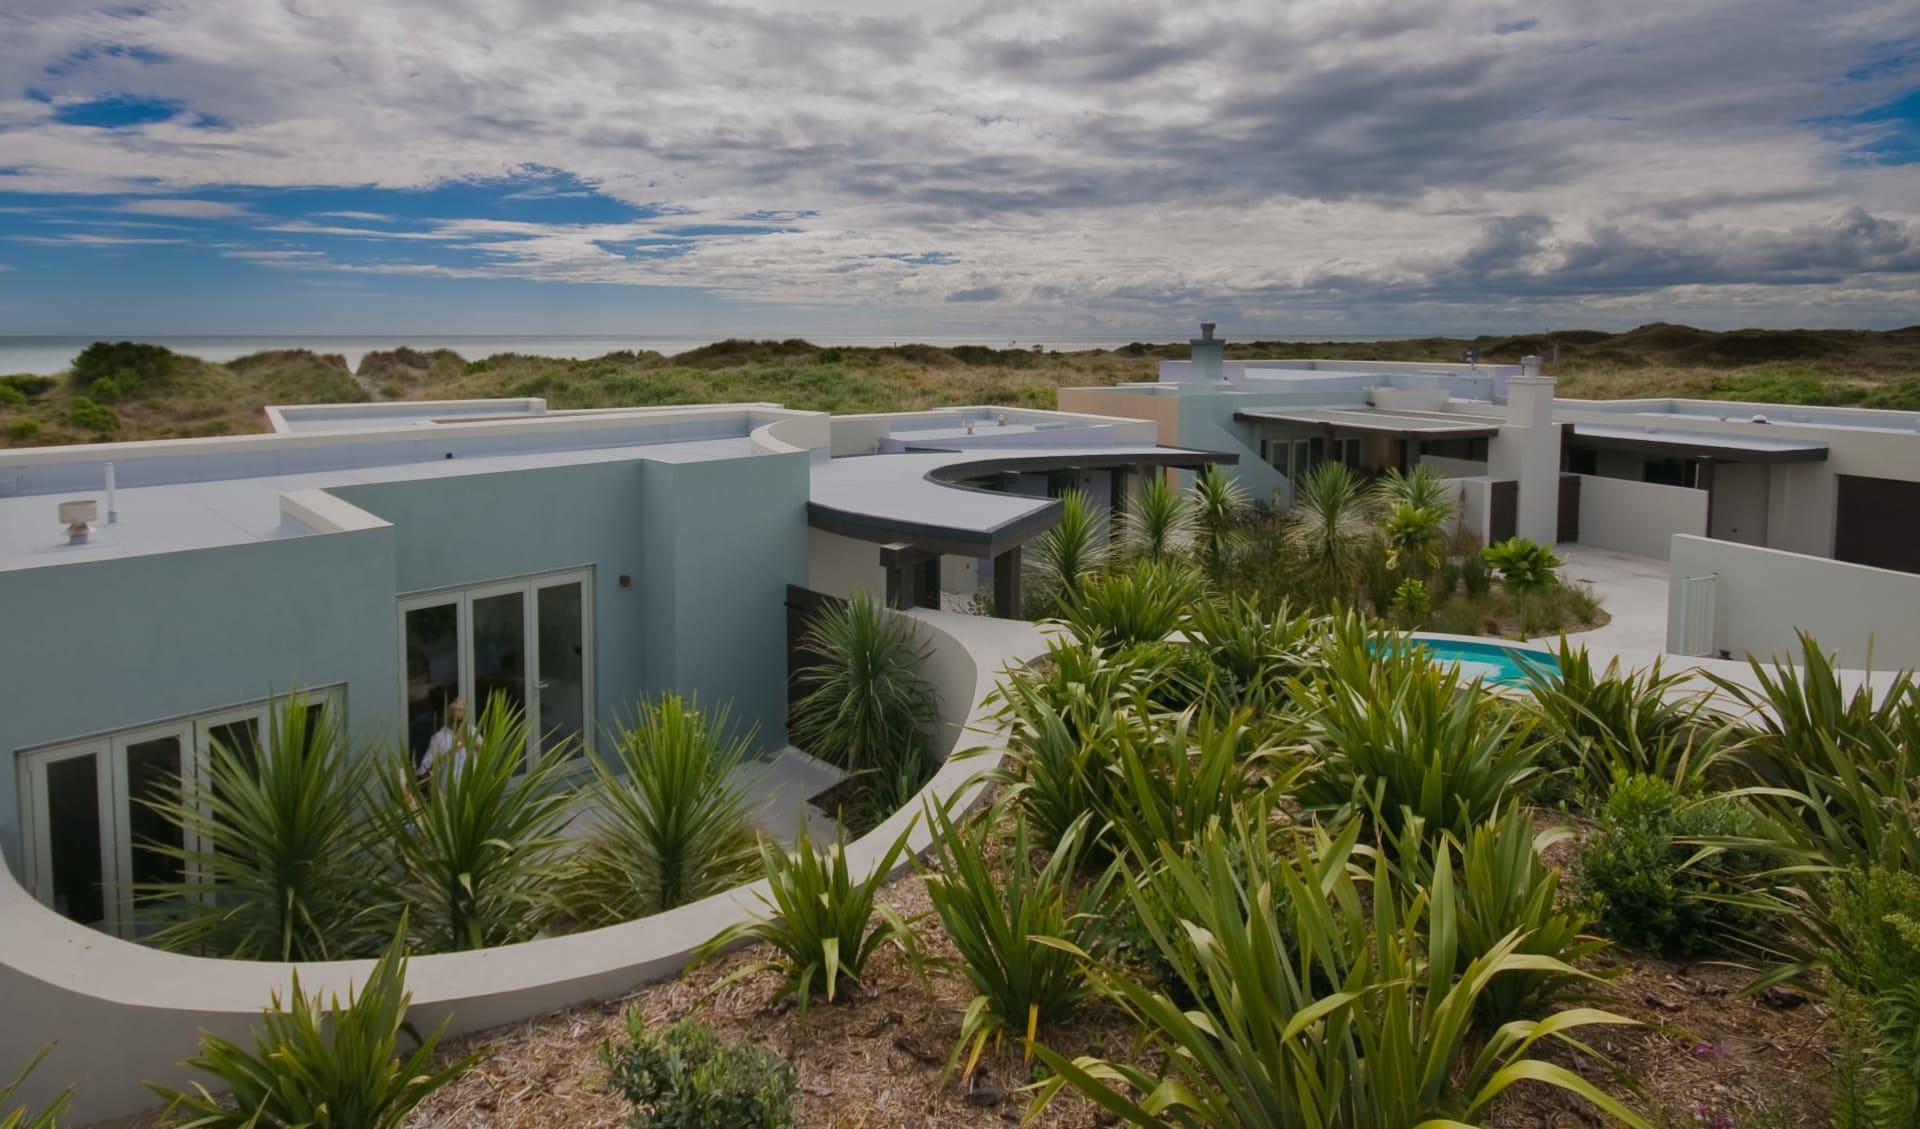 Atahuri in Peka Peka: Exterior Atahuri Neuseeland - Geb�ude von aussen cAtahuri